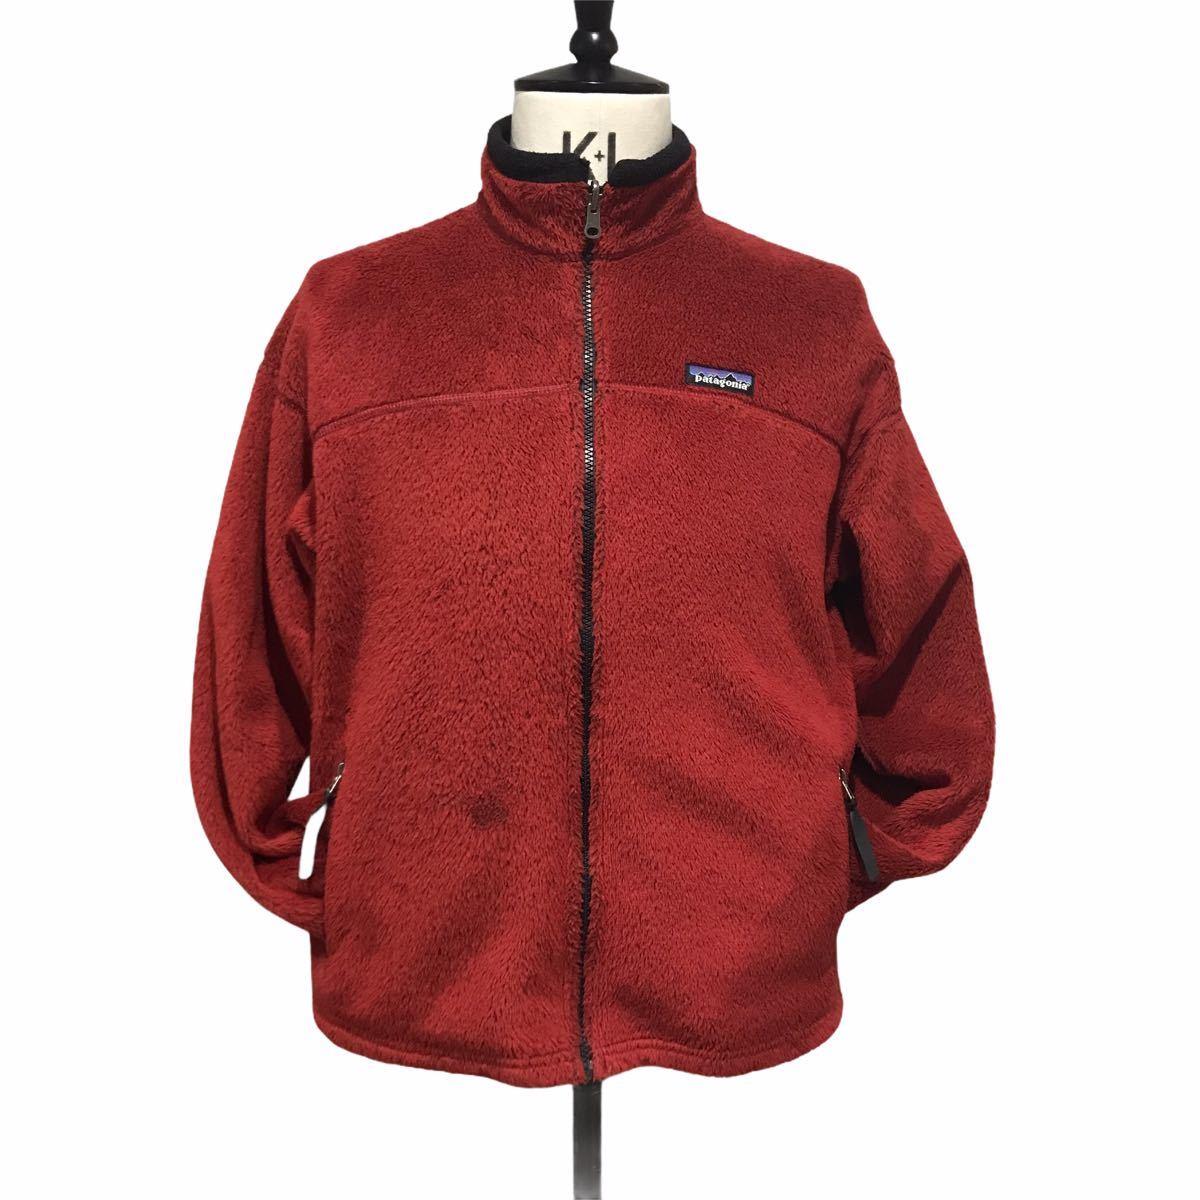 patagonia パタゴニア フリースジャケット USA製 RETRO パタゴニアレトロX キッズXL